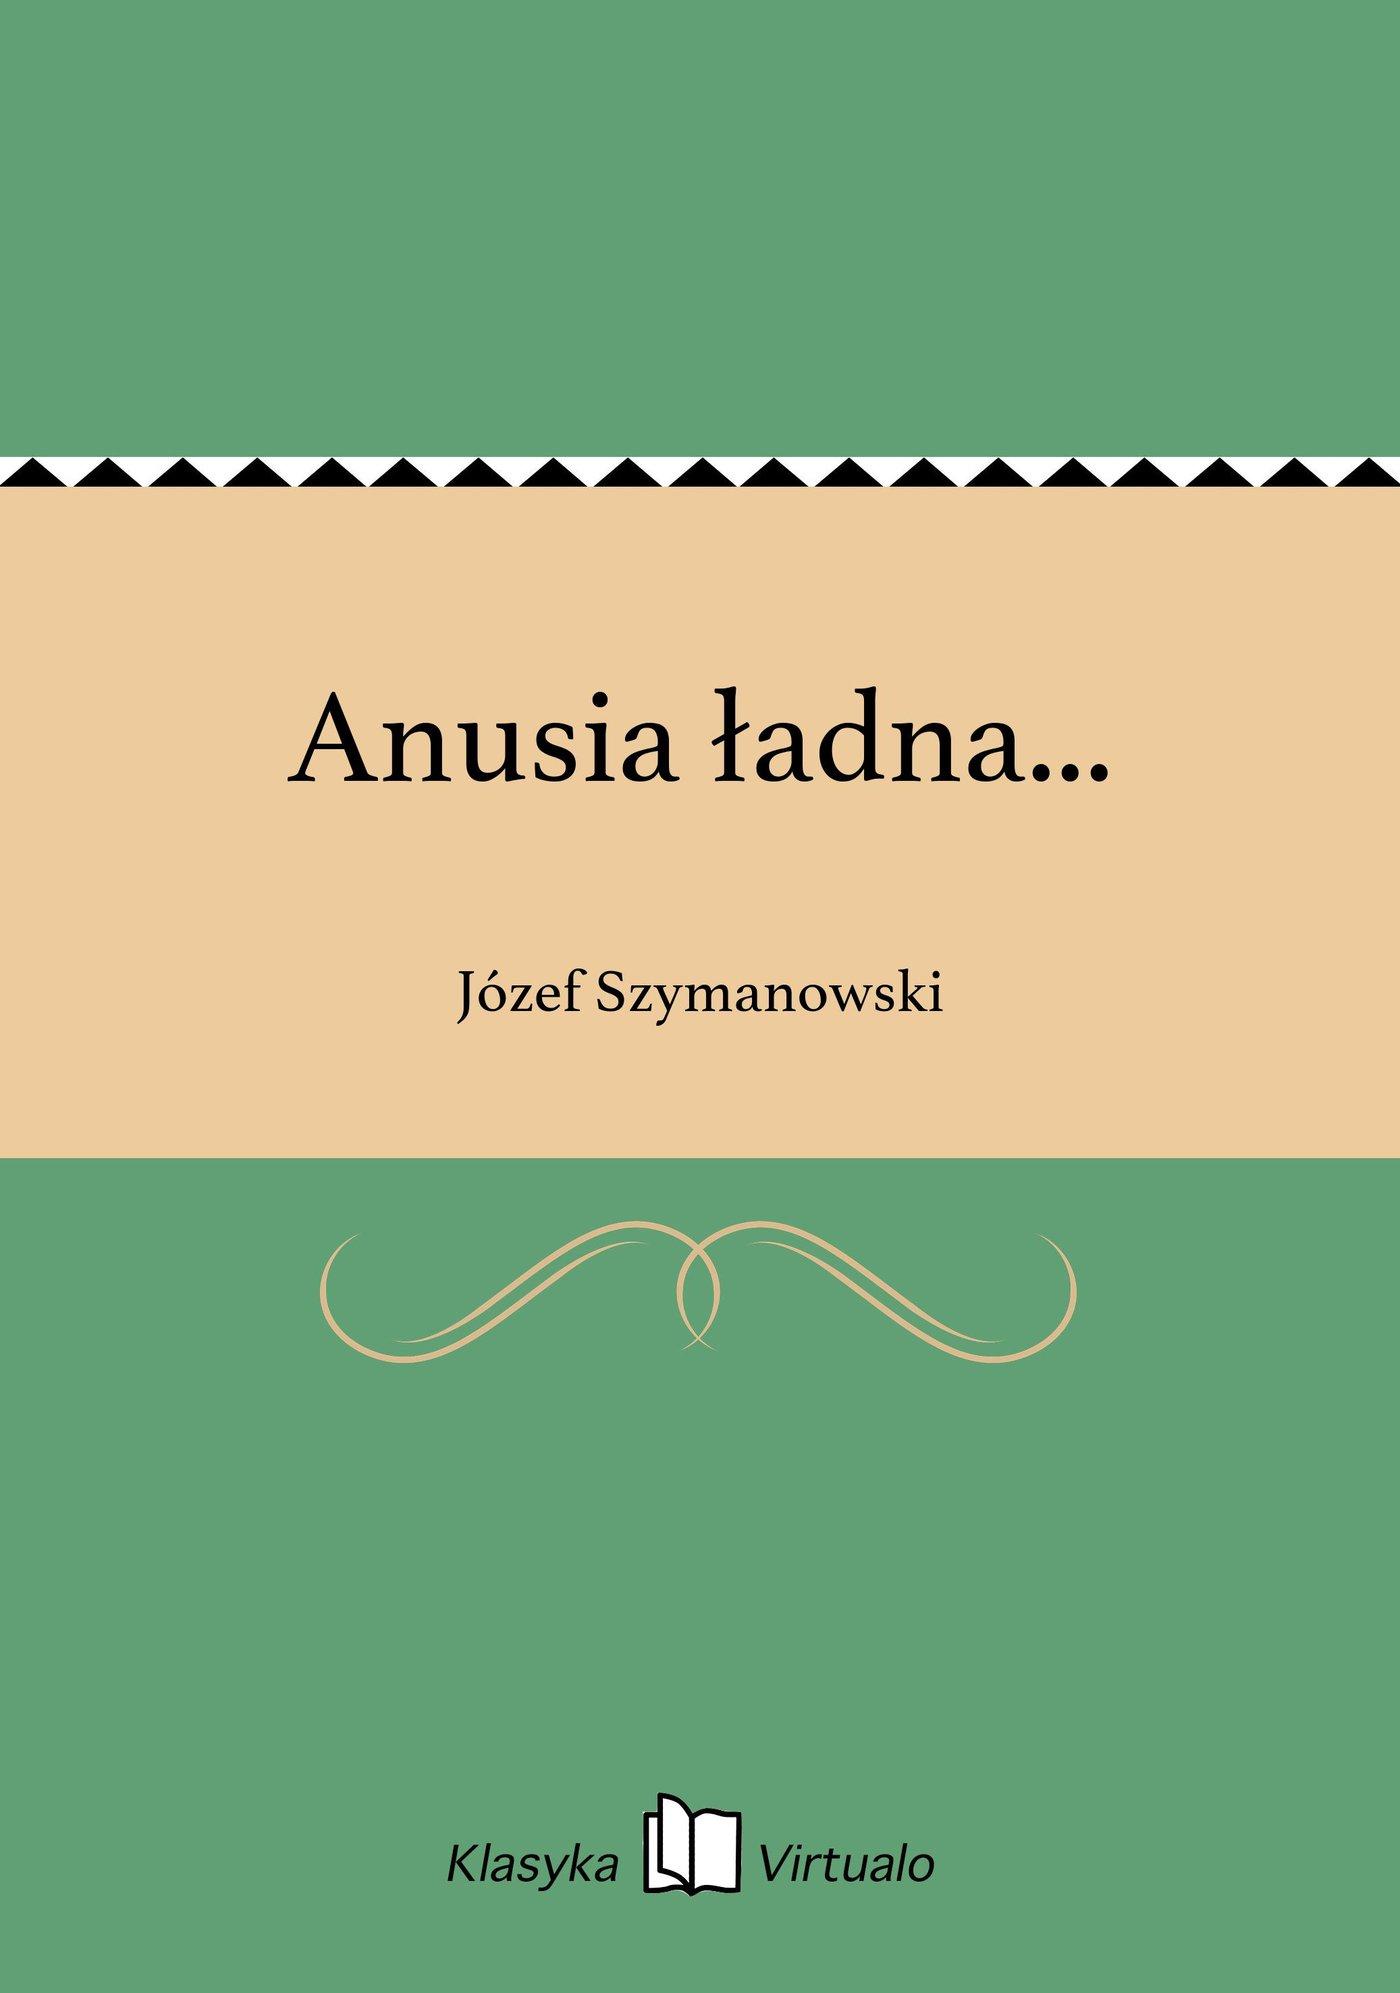 Anusia ładna... - Ebook (Książka EPUB) do pobrania w formacie EPUB